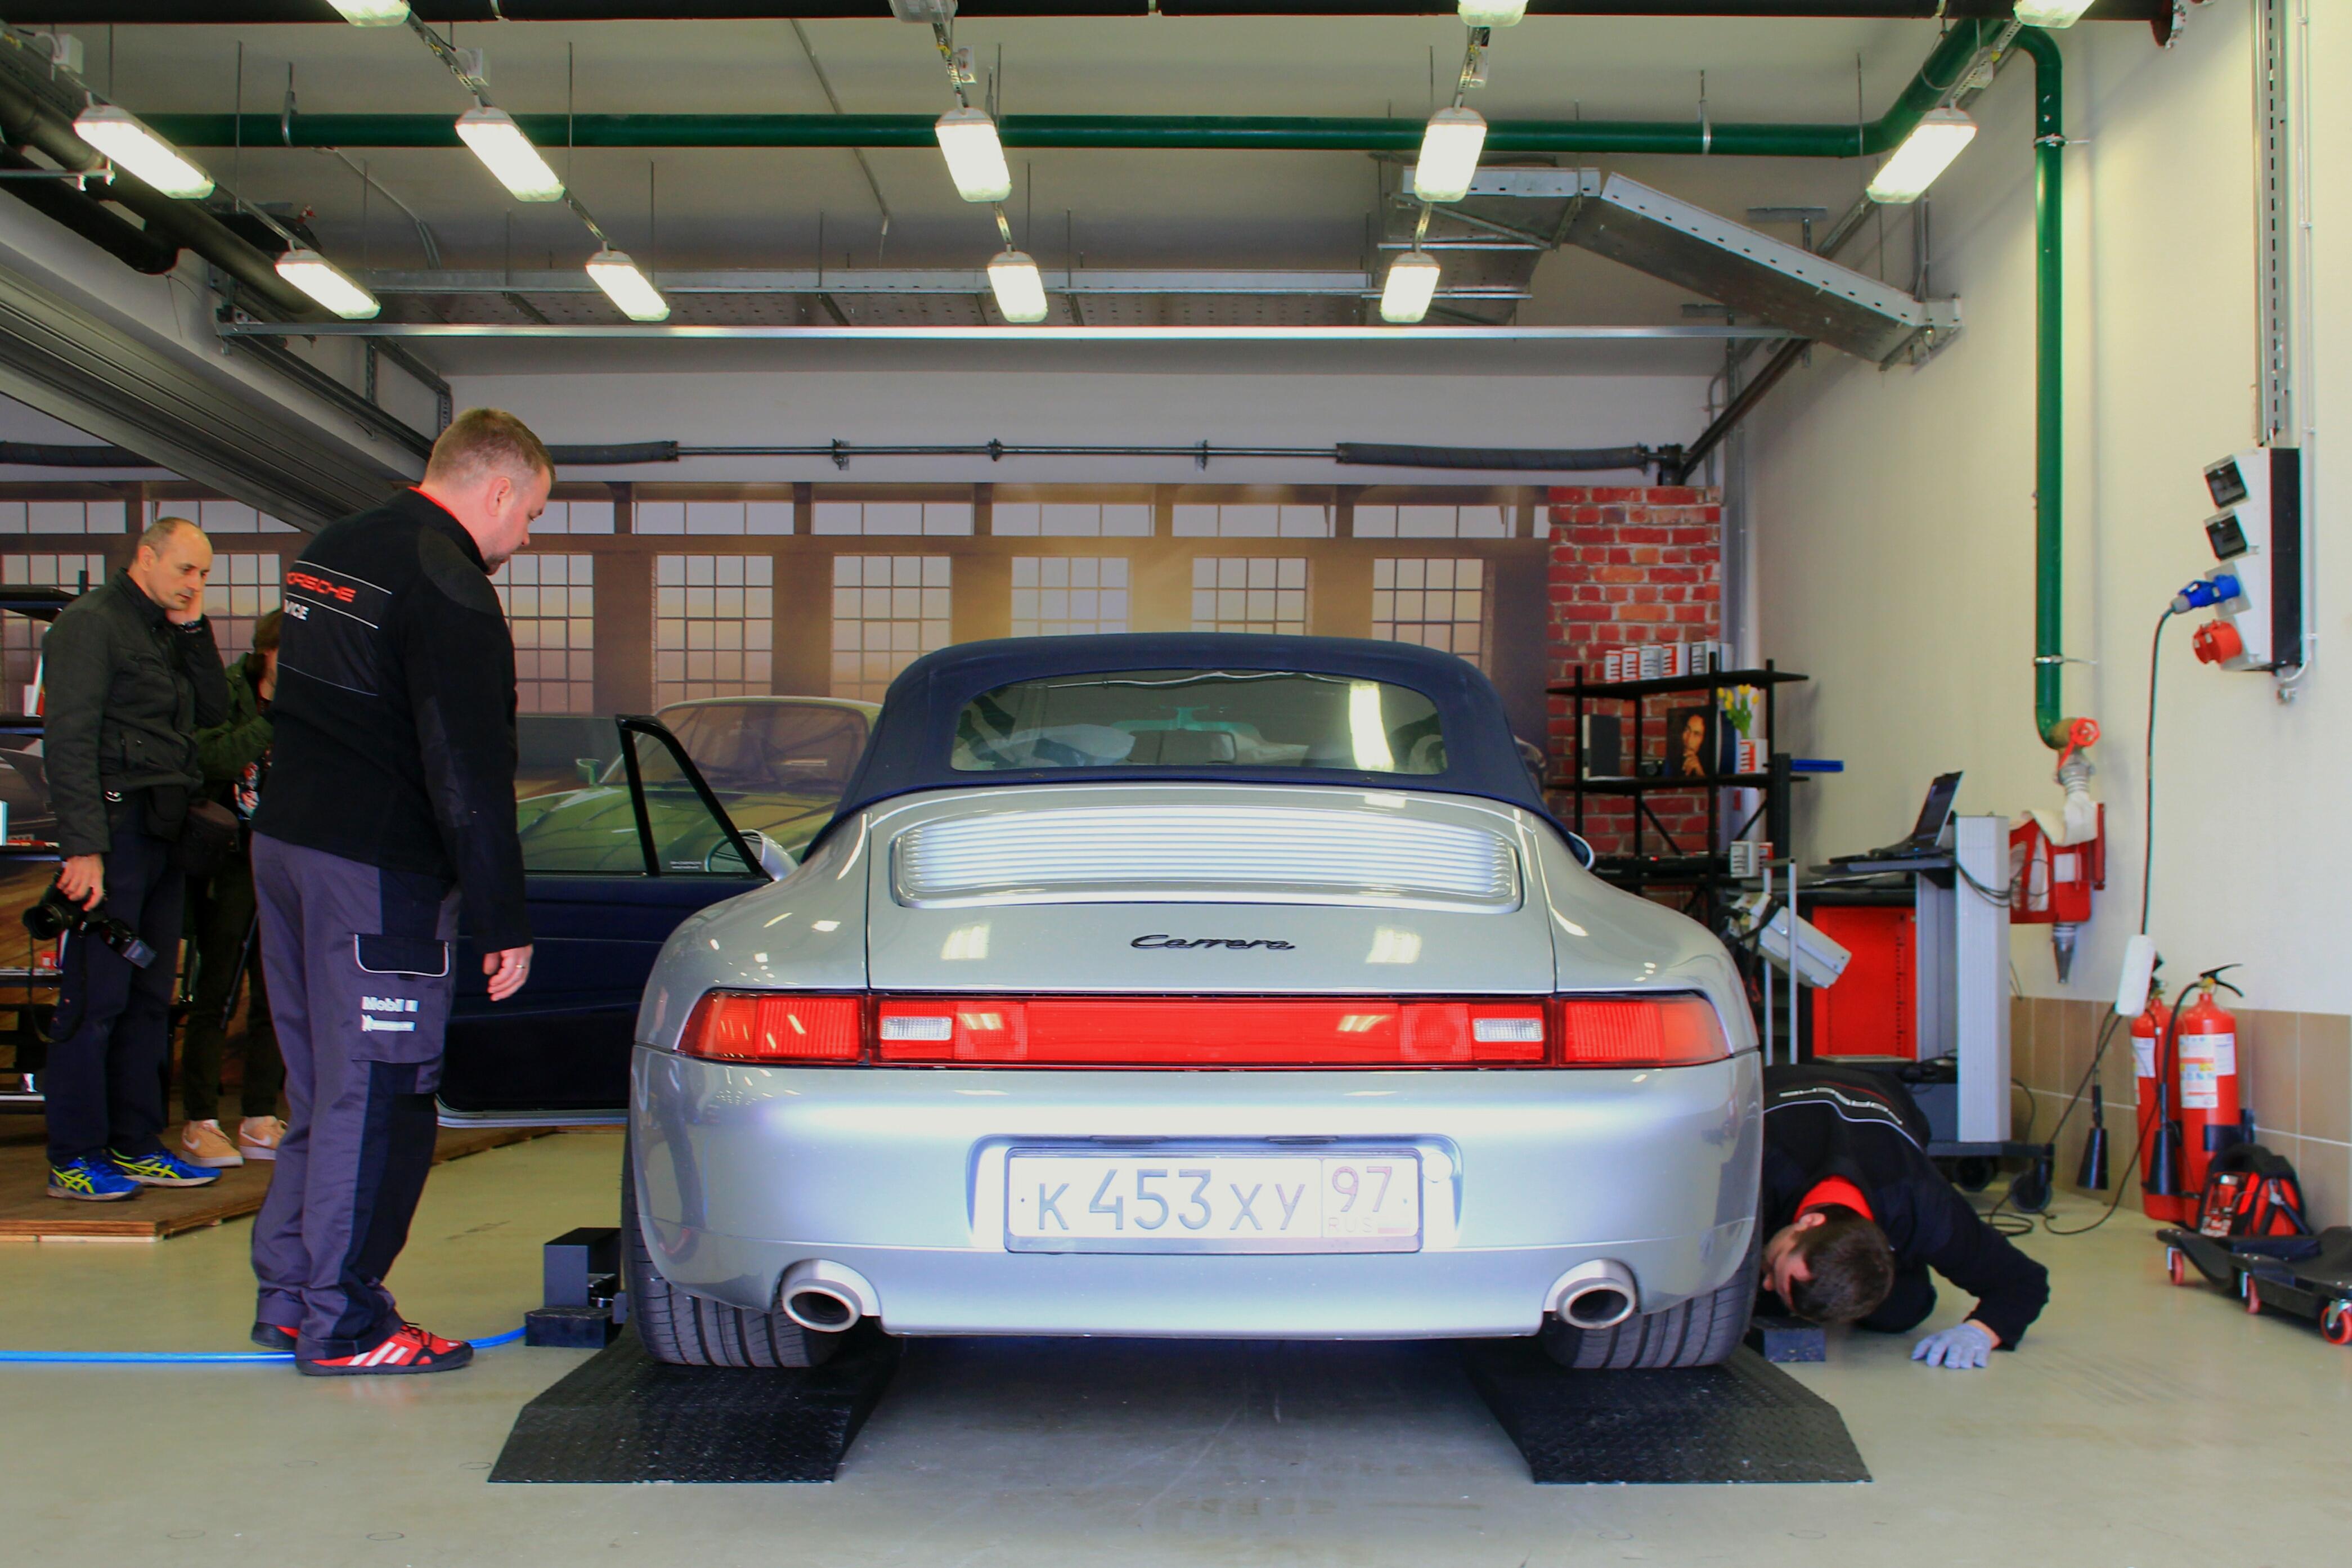 Каждый владелец классического Porsche мог пройти бесплатную диагностику в импровизированном гараже.